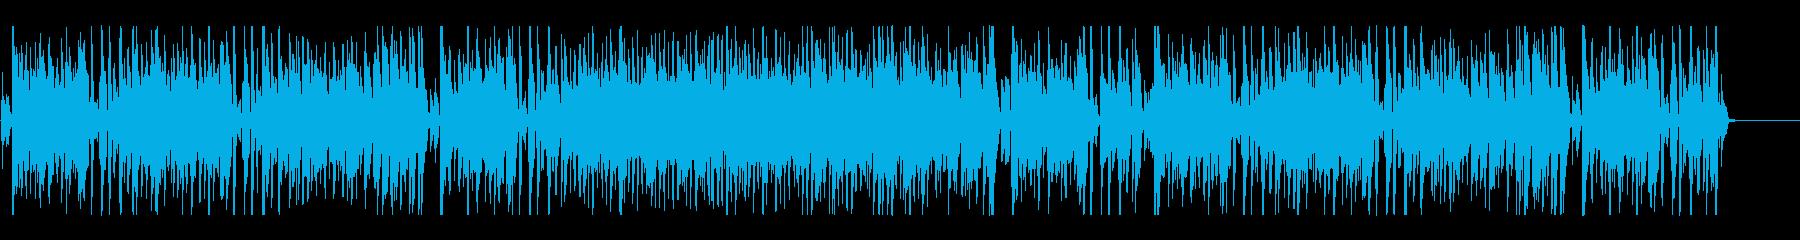 サックスの生演奏でジャズ!の再生済みの波形